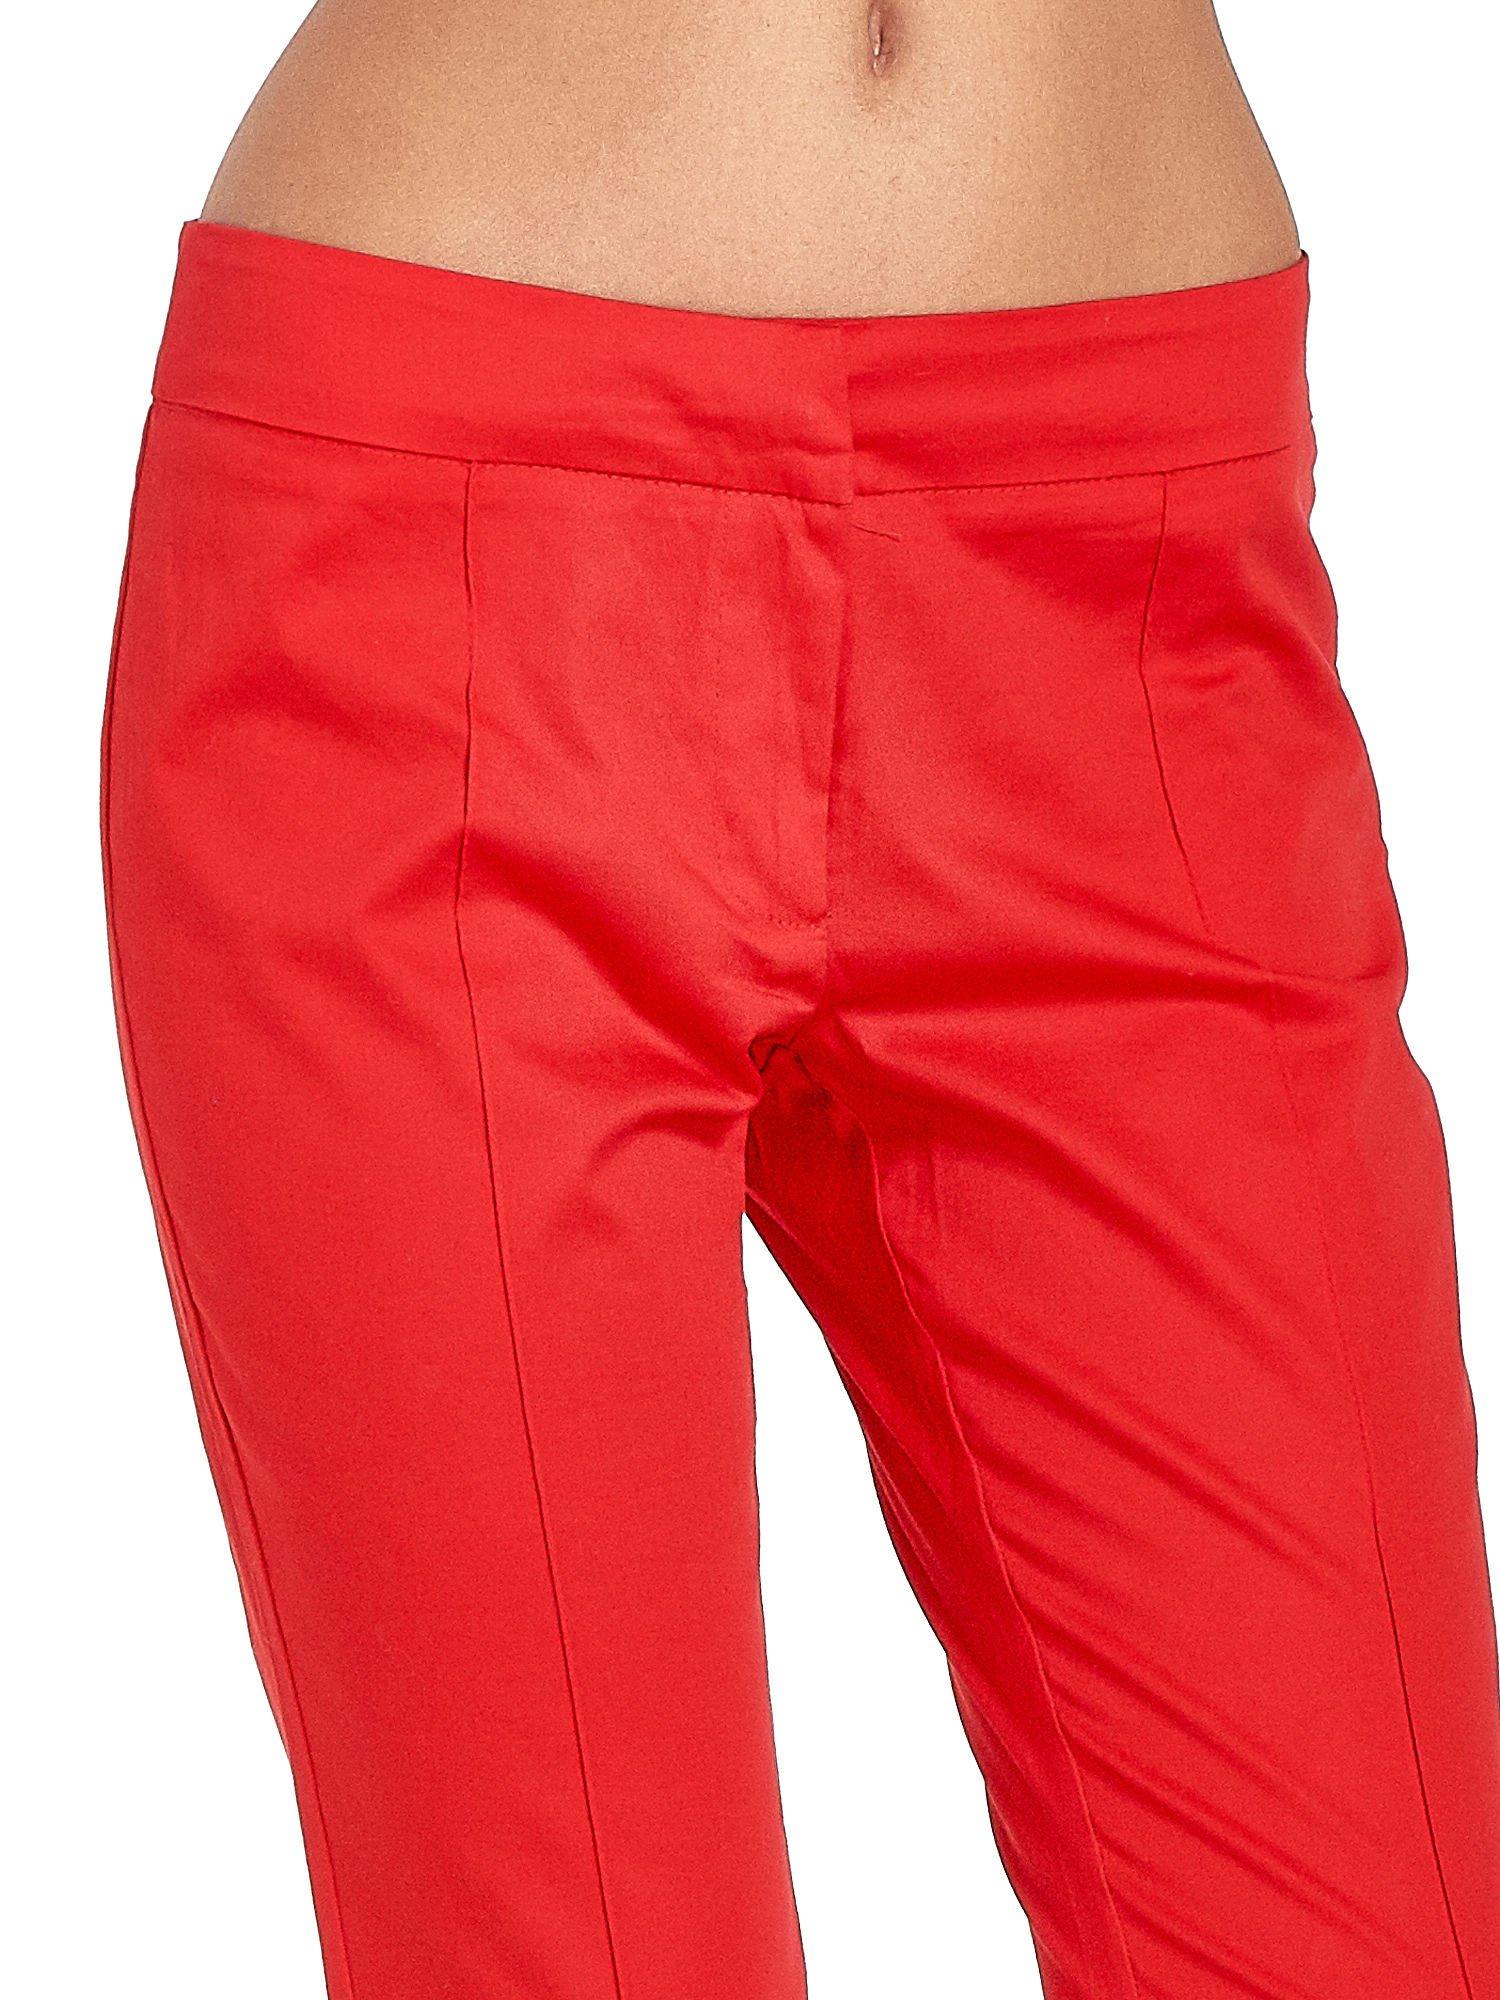 Czerwone spodnie cygaretki w kant                                  zdj.                                  4